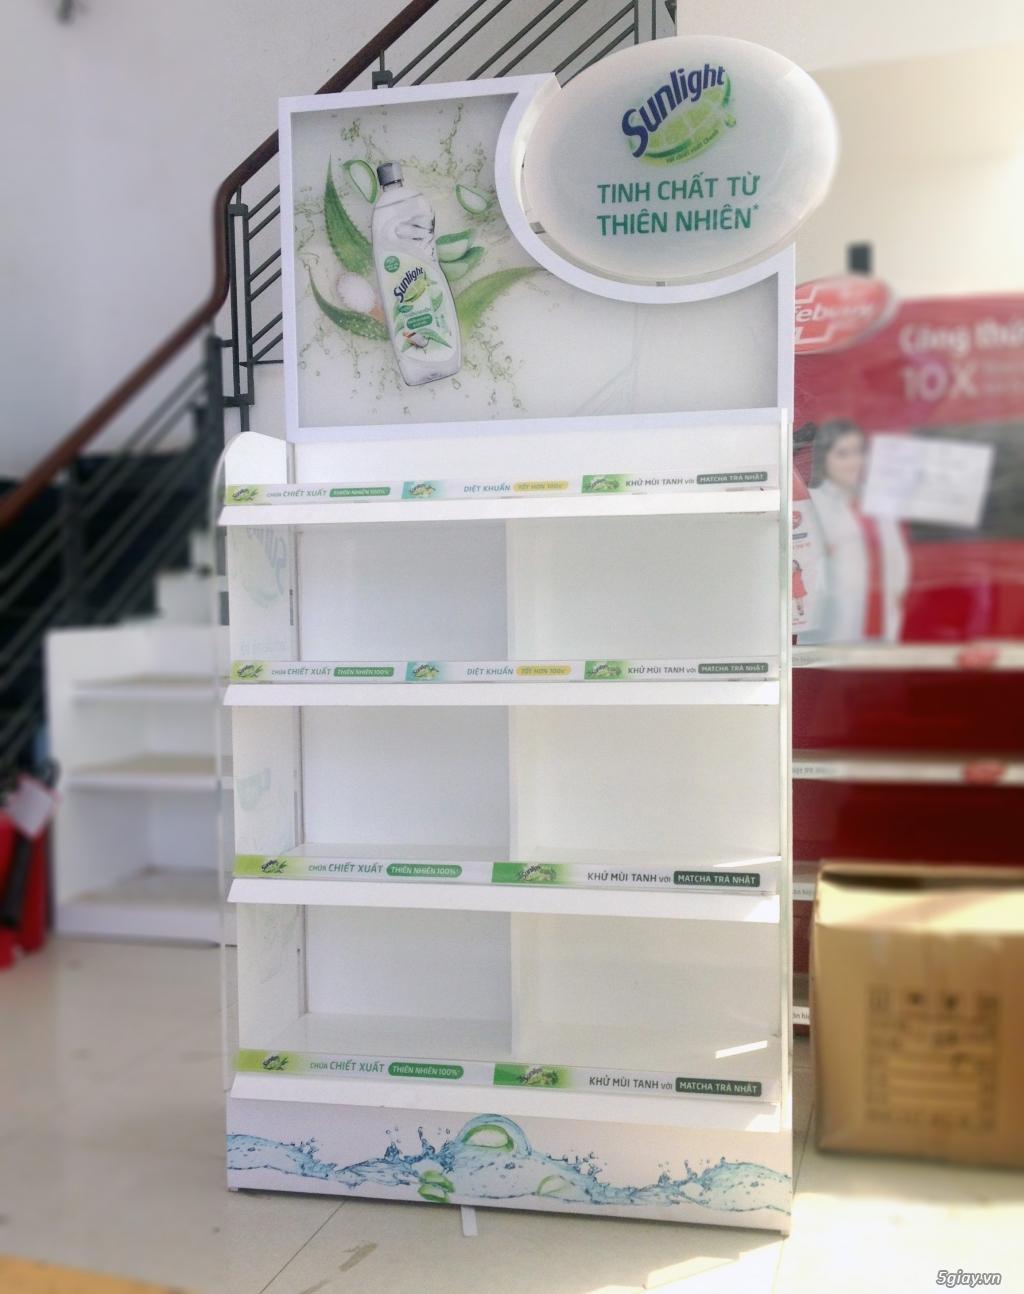 Sản xuất quầy kệ quảng cáo siêu thị, quầy kệ trưng bày hàng hóa - 1